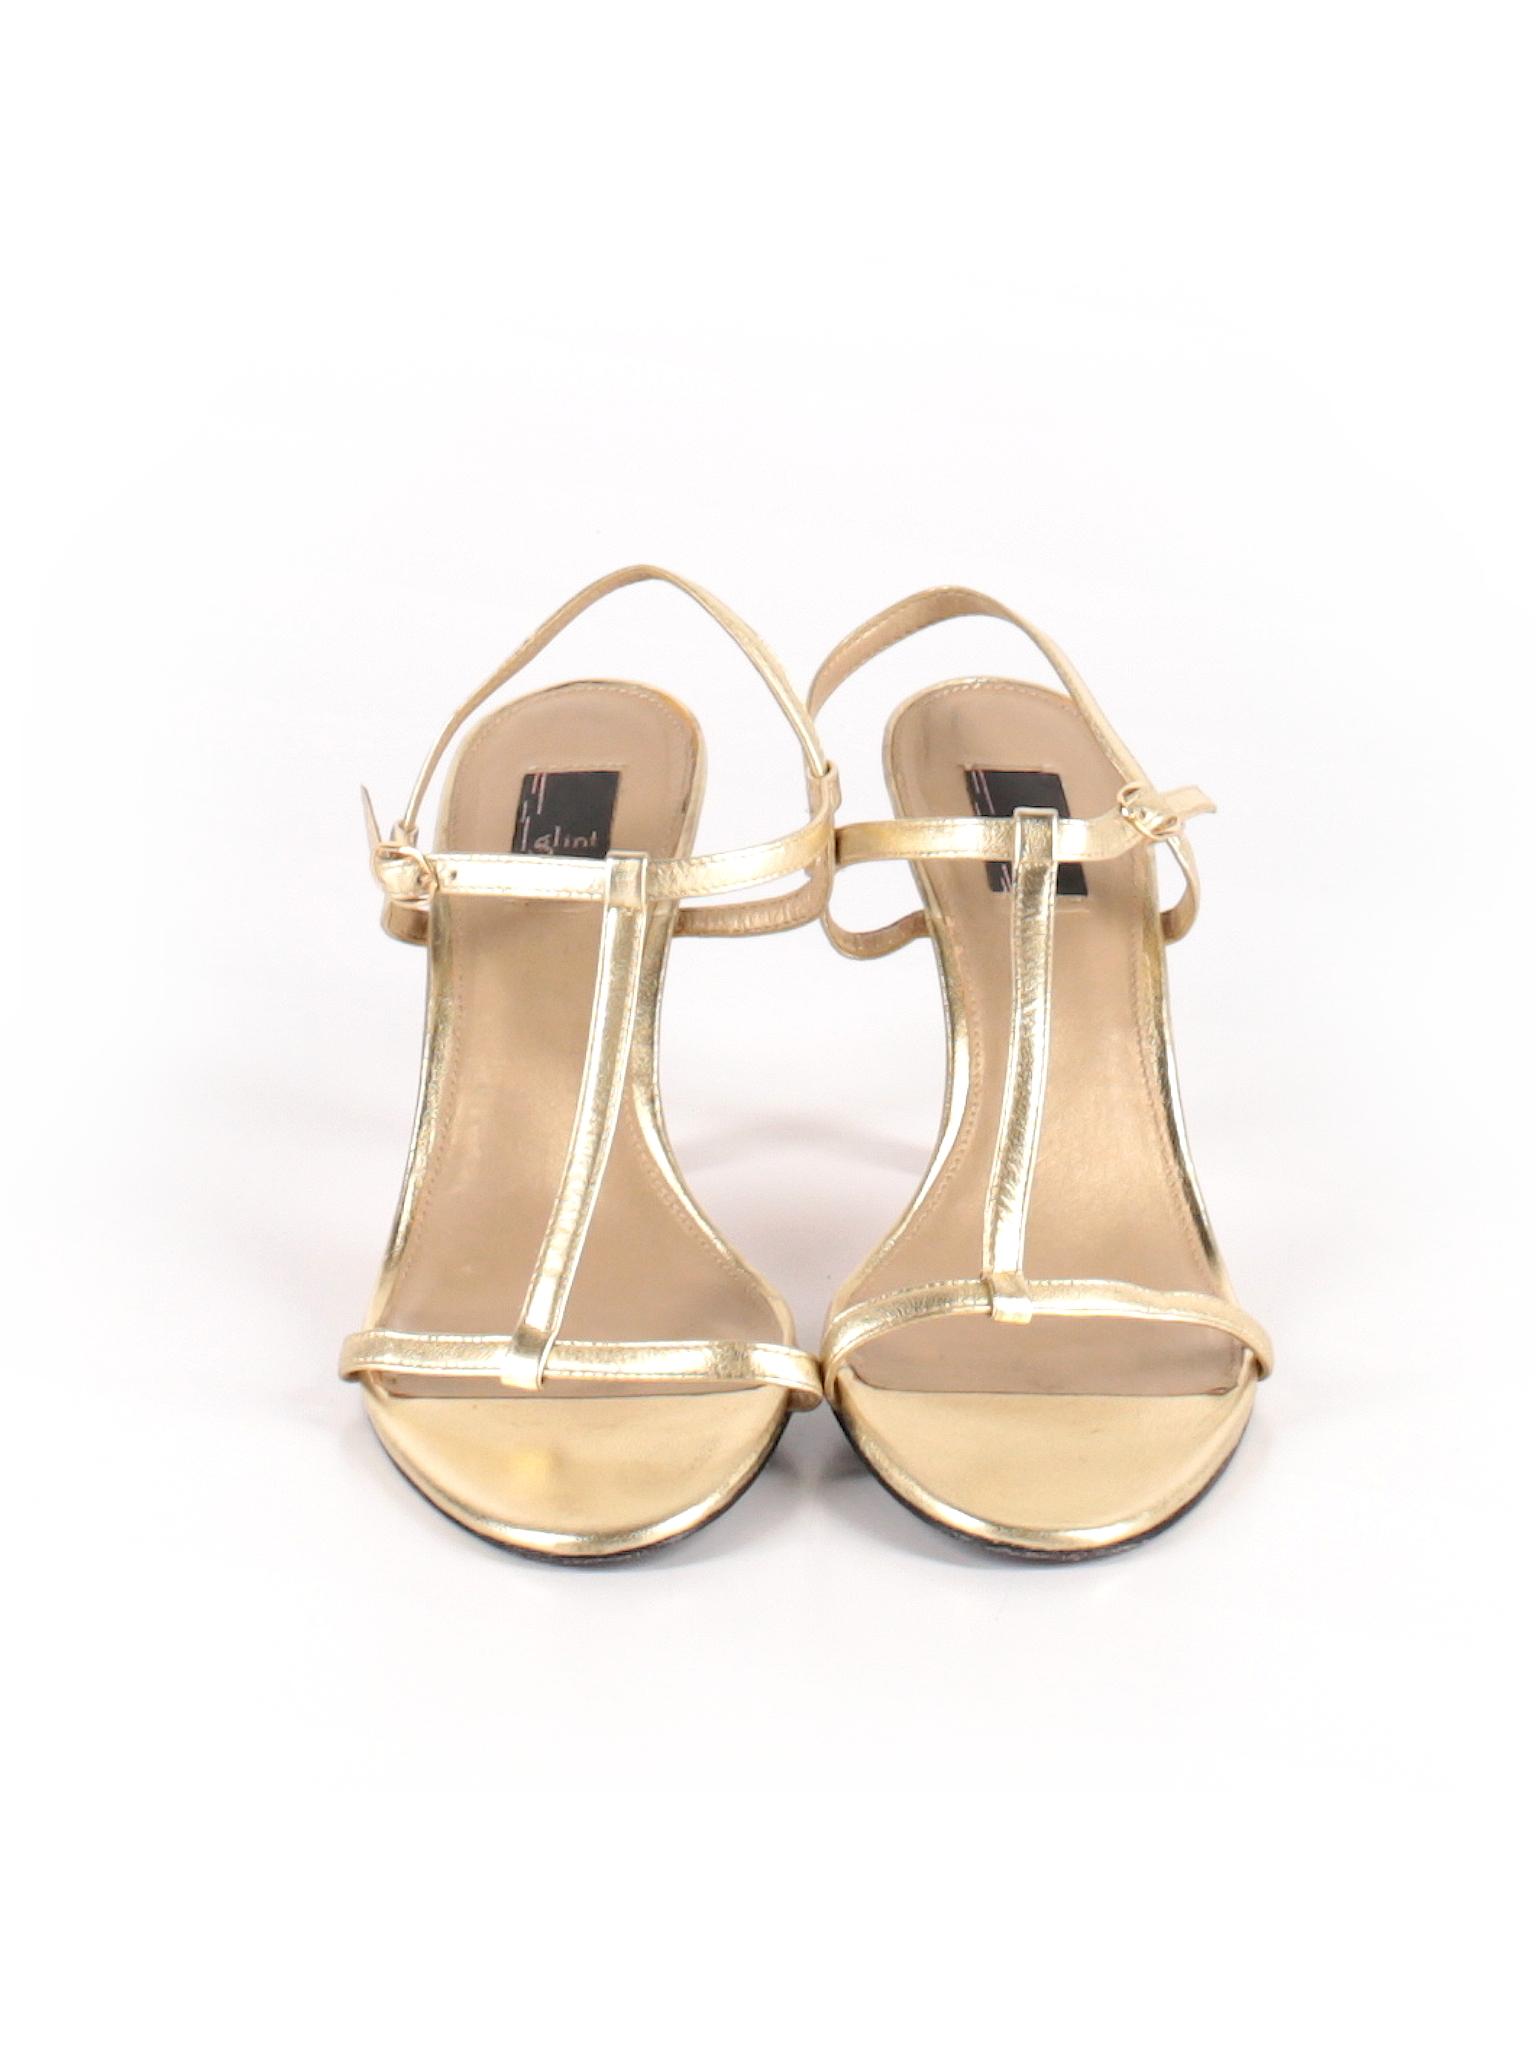 Boutique promotion Glint Heels Boutique promotion gq4x5